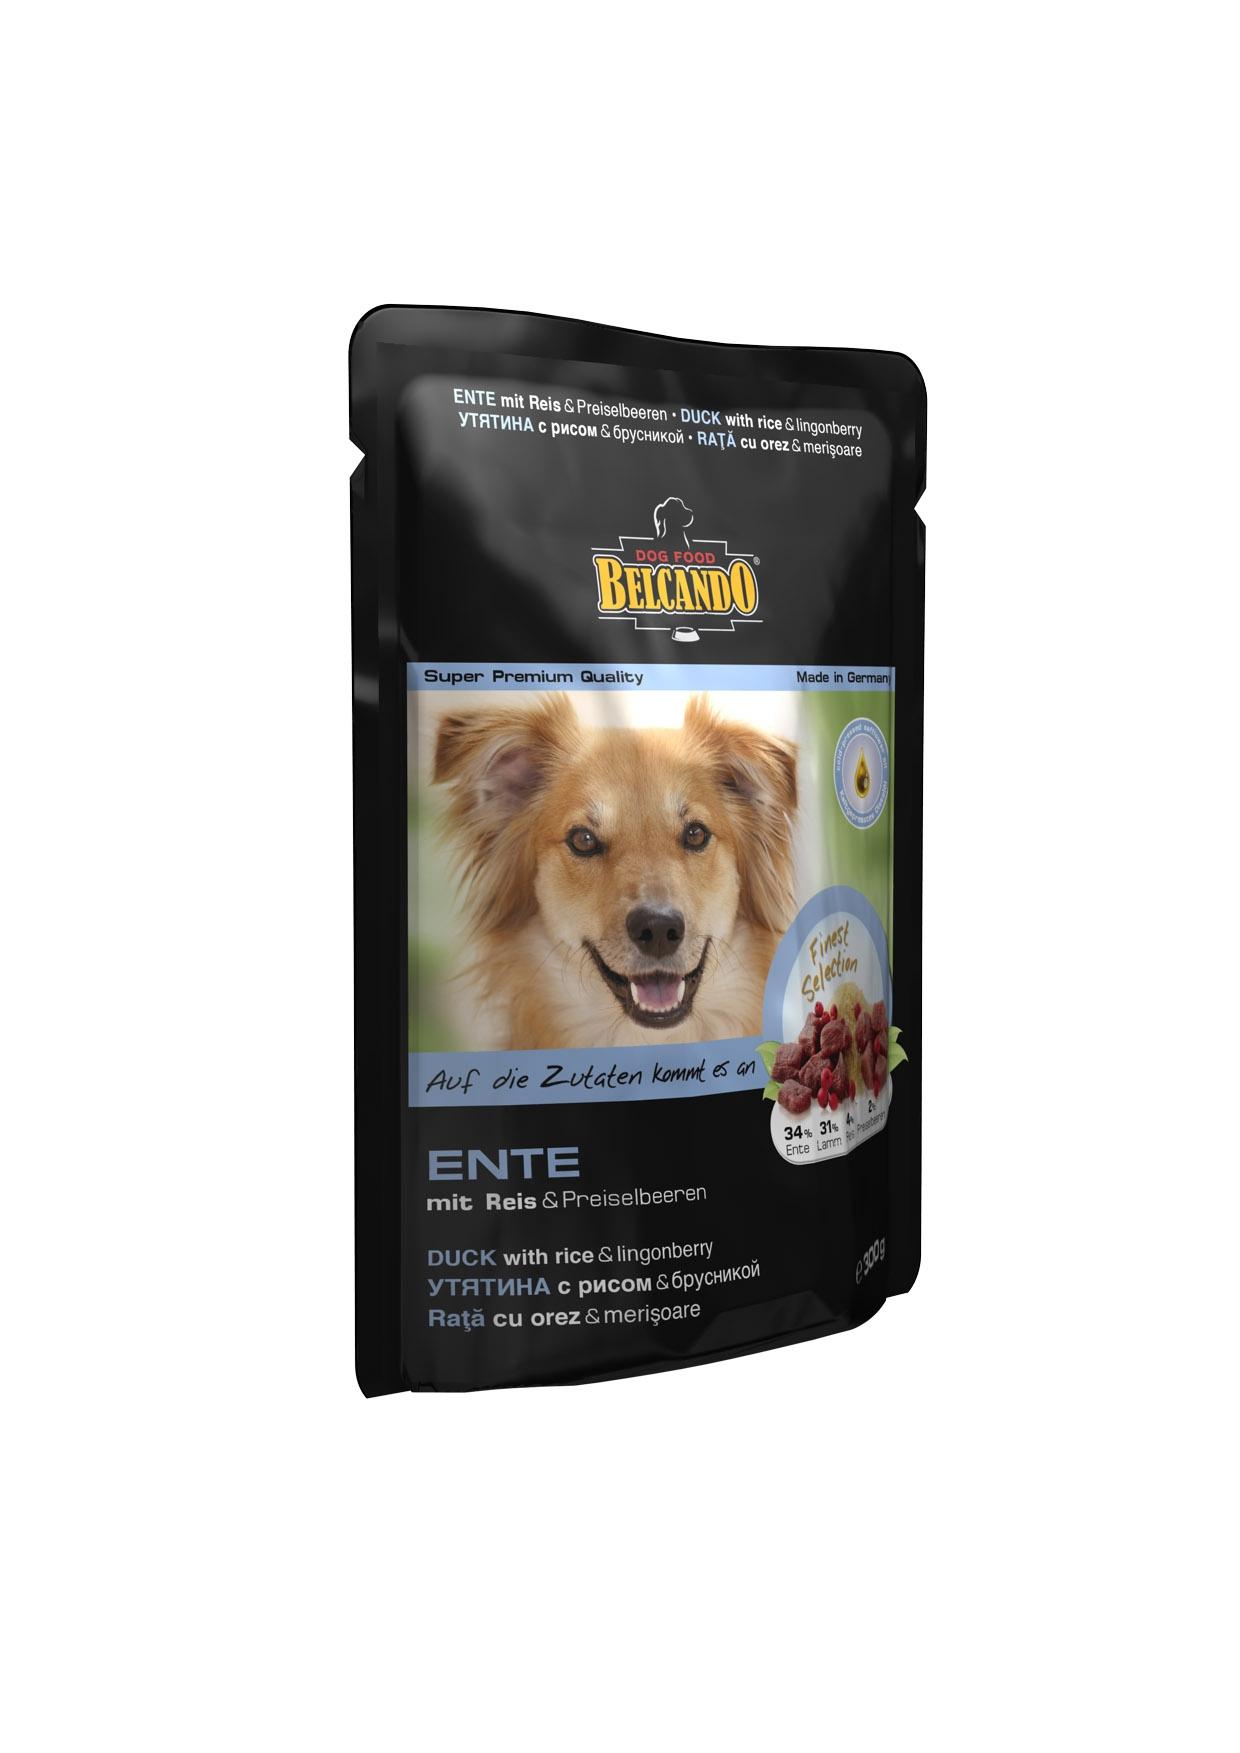 Консервы для собак Belcando, с уткой, рисом и брусникой, 125 г43352Консервы для собак Belcando - это великолепная рецептура в практичной индивидуальной порции. Корм подходит также для собак, склонных к аллергии. Состав: сердце утки, печень (34%), мясо ягненка, печень, легкие, сердце, рубец (31%), бульон из ягненка и утки (28%), рис (4%), брусника (4%), масло чертополоха (0,5%), карбонат кальция (0,5%). Содержание: протеин 10,8%, жир 6,4%, клетчатка 0,3%, зола 2%, влажность 76%. Добавки на кг: витамин А 3,000 МЕ, витамин Е 30 мг, марганец 3 мг, цинк 15 мг, йод 0,75 мг, селен 0,03 мг. Товар сертифицирован.